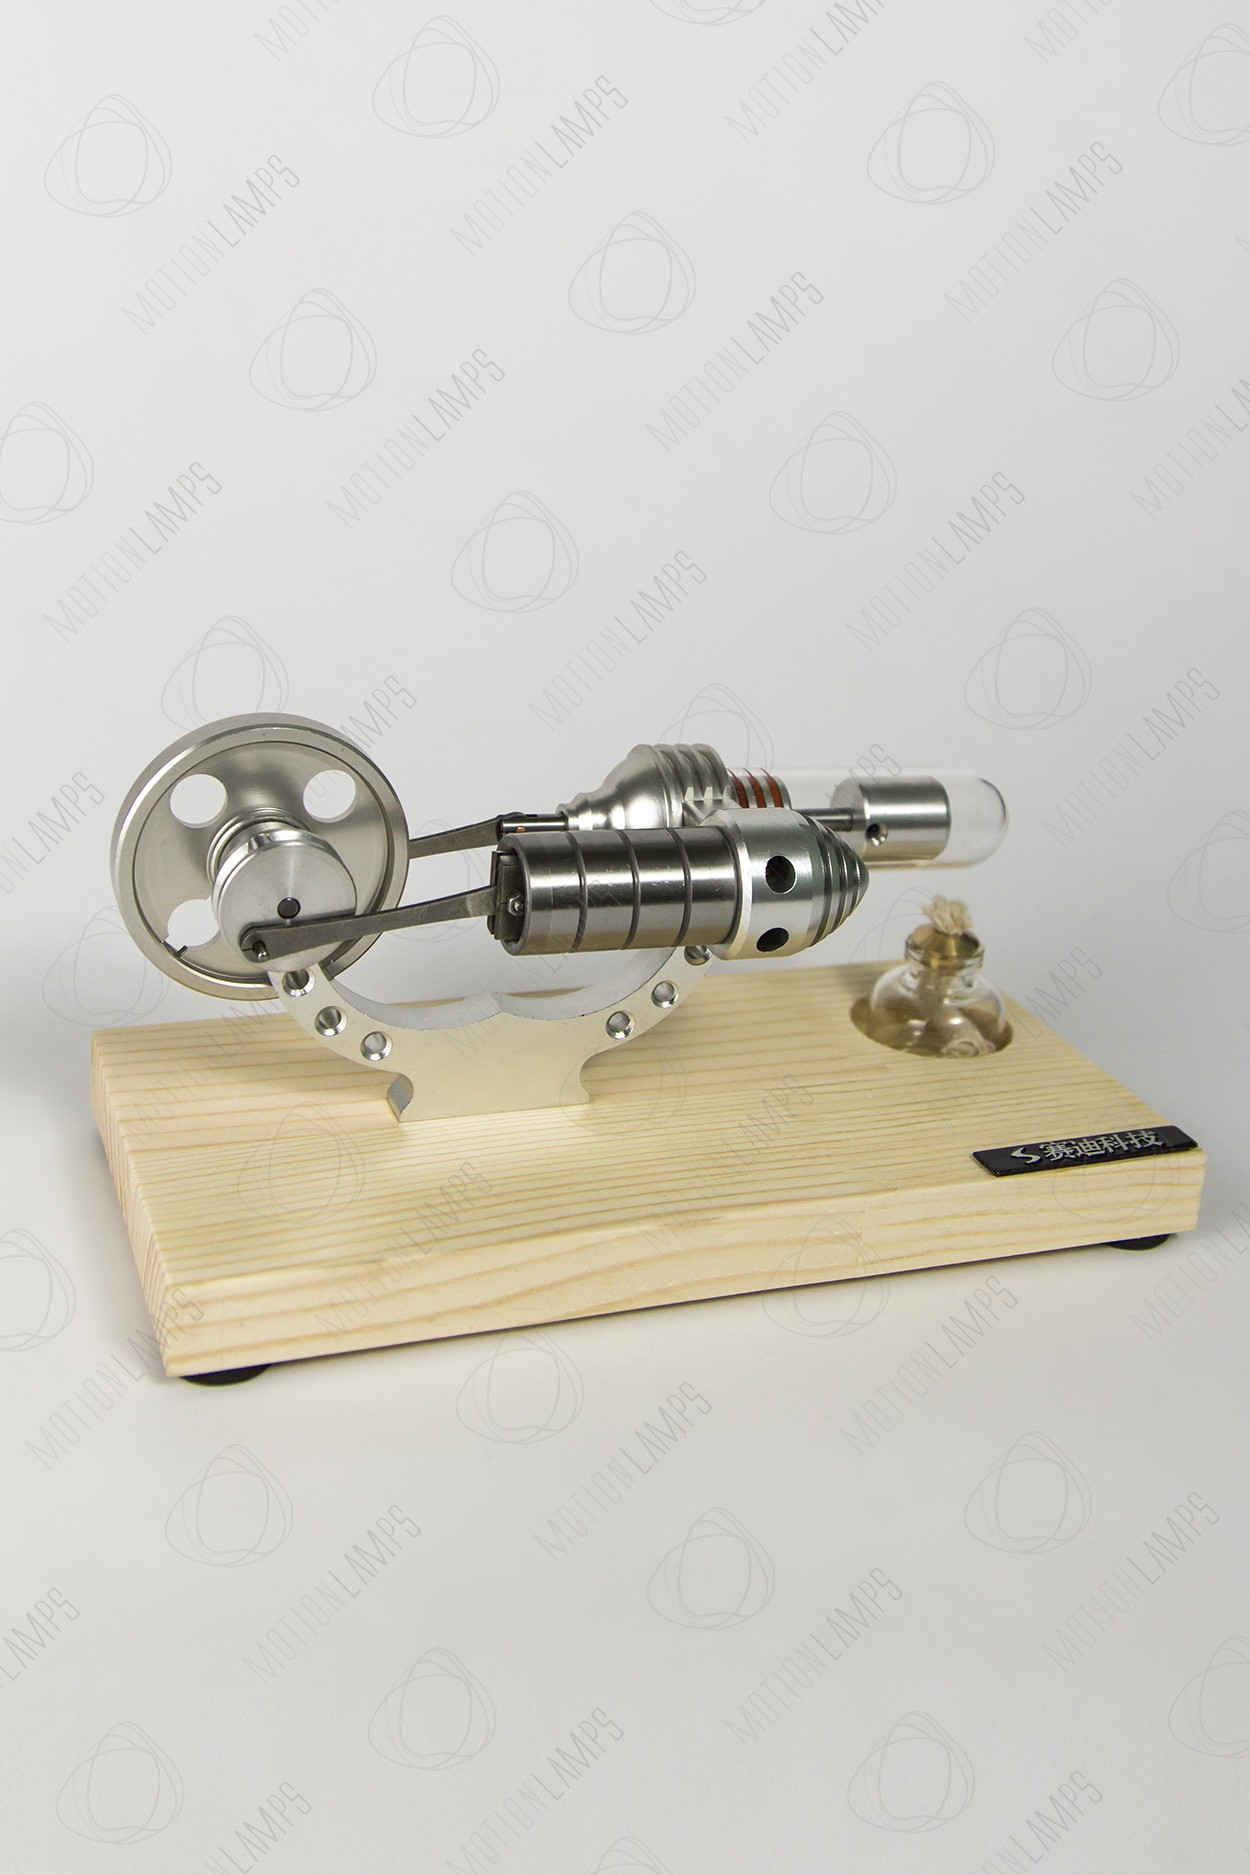 Двигатель Стирлинга на деревянной подставке в Москве